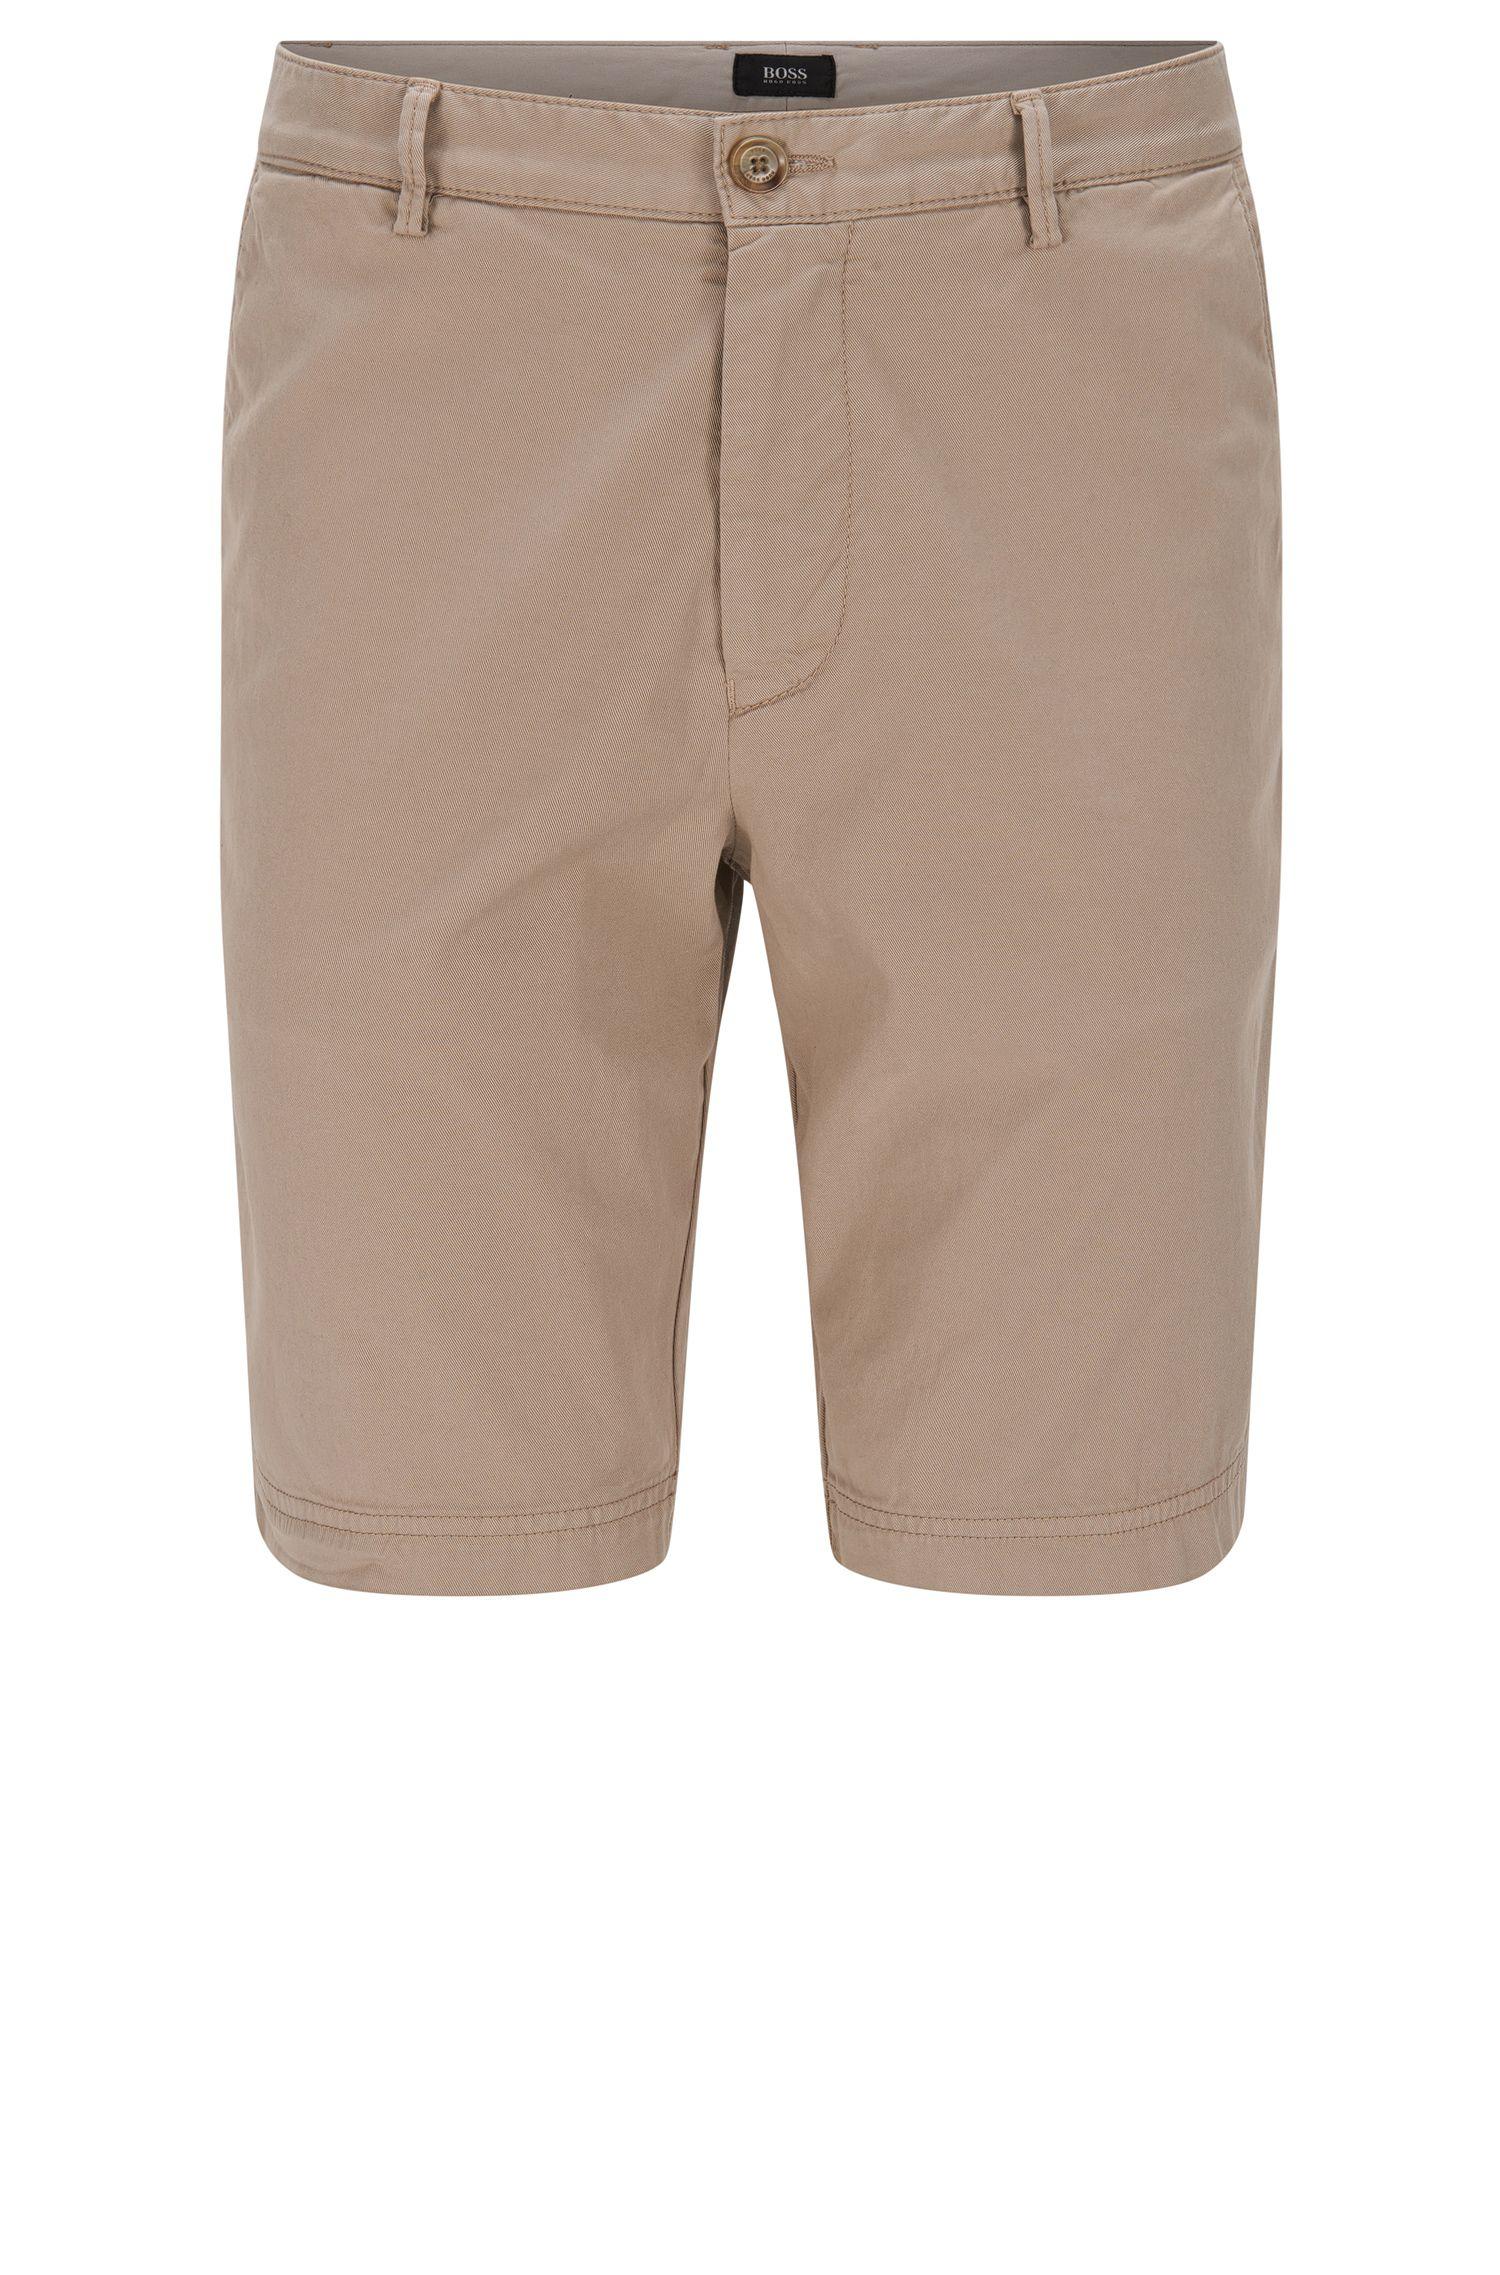 Shorts regular fit en algodón elástico: 'Crigan-Short-D'